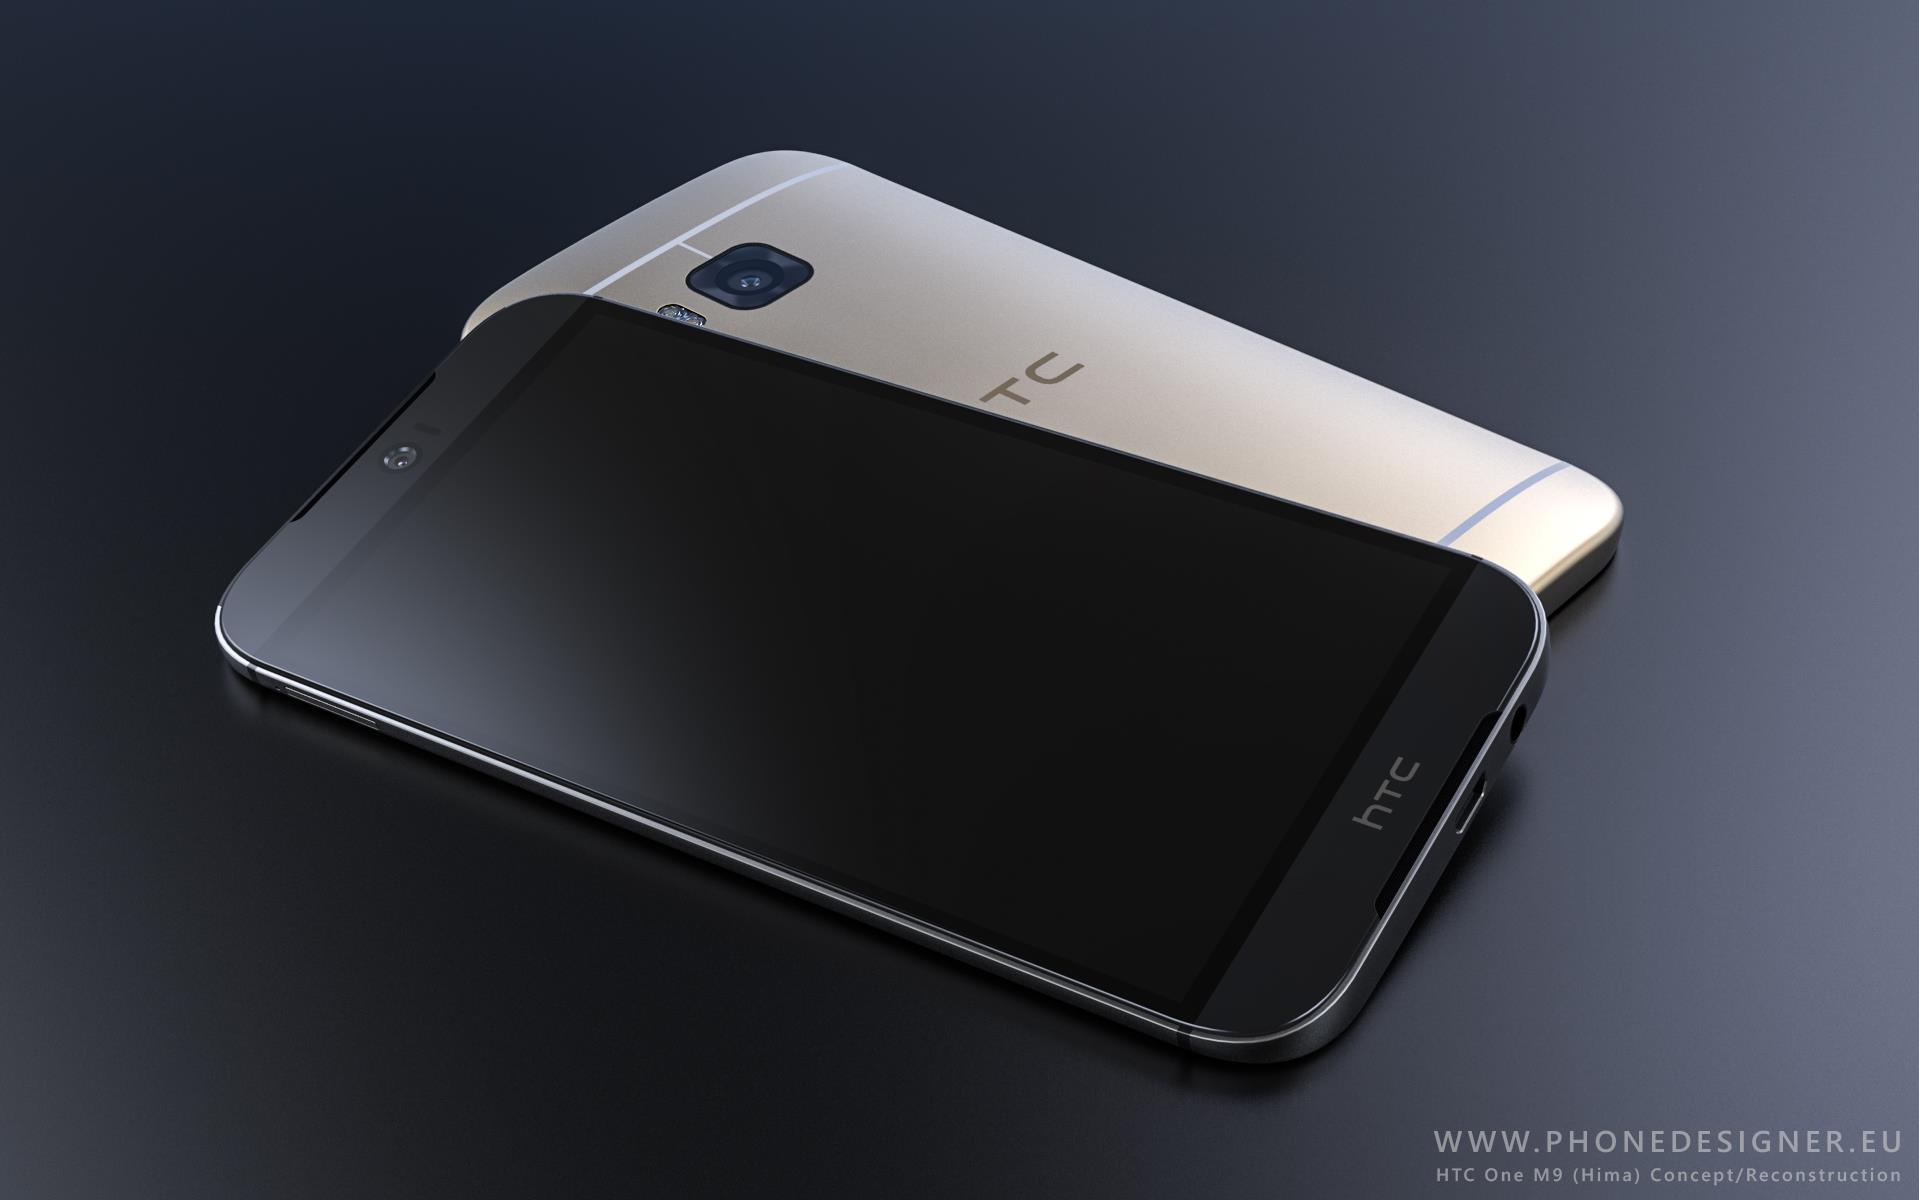 Znamy pełną specyfikację HTC One M9 (Hima) 32